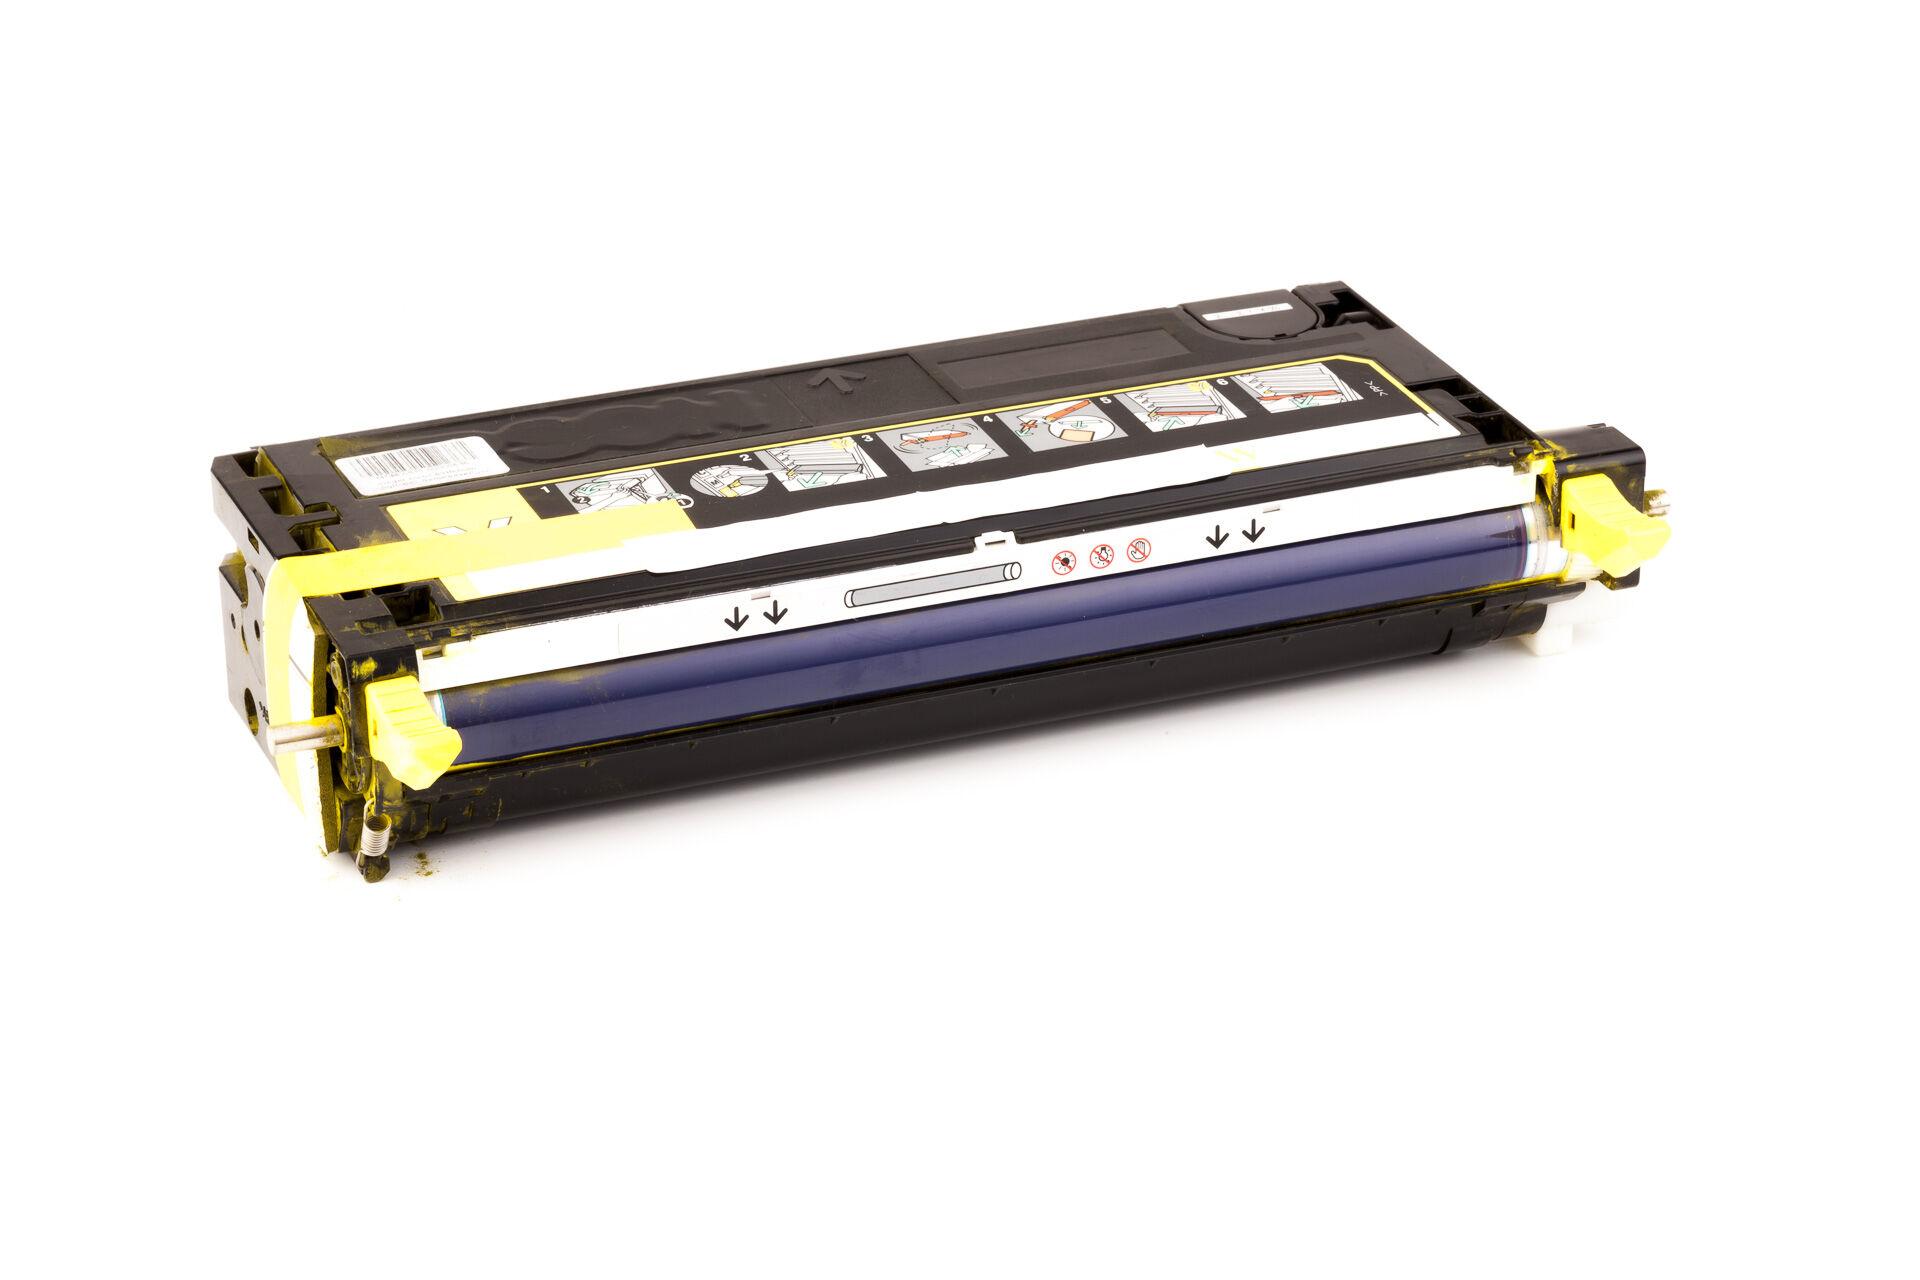 Dell Cartouche de Toner pour Dell 59310291 / H515C jaune compatible (de marque ASC)